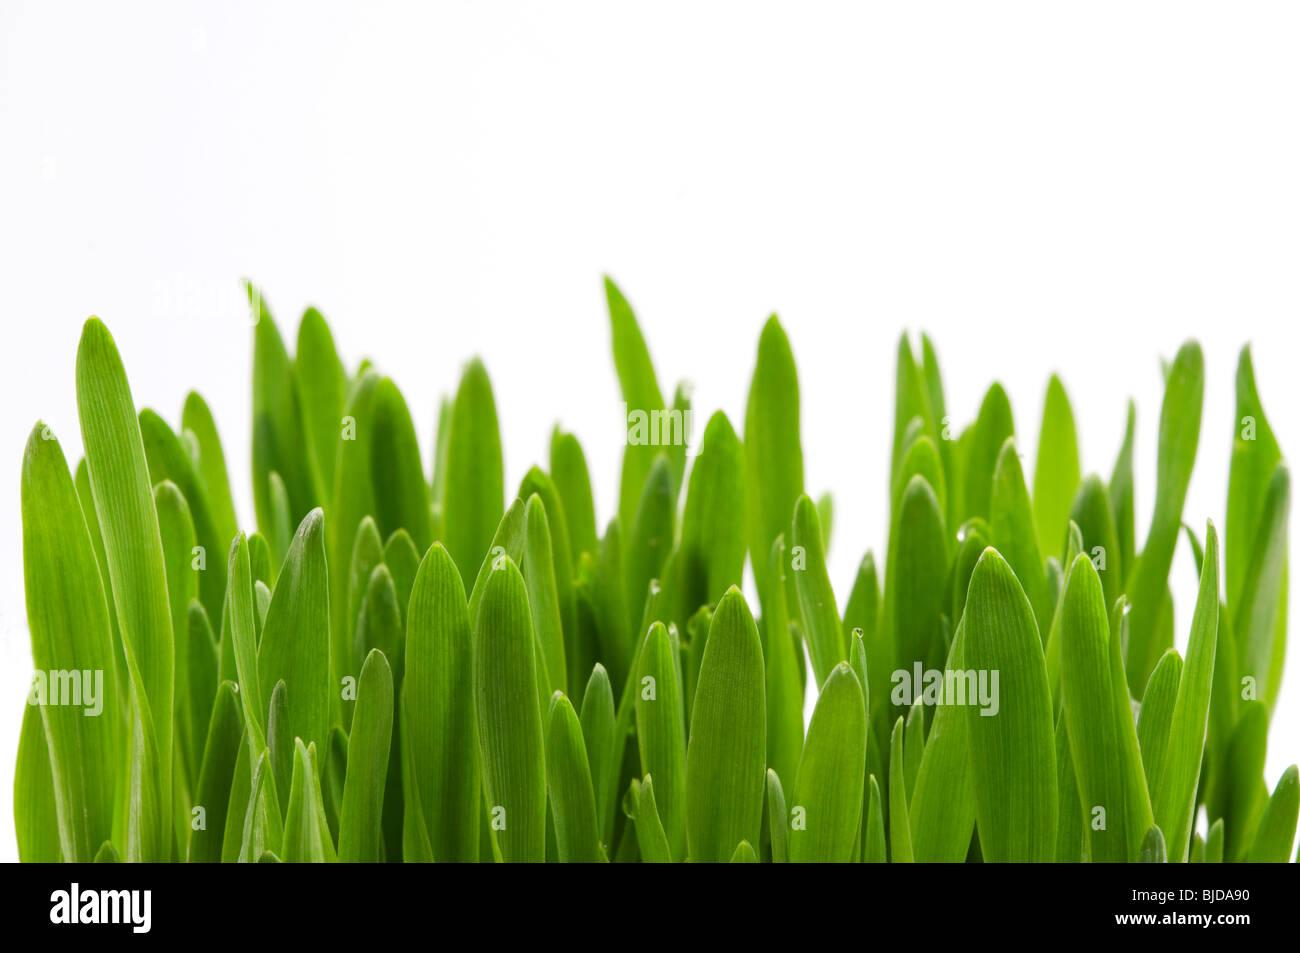 Lames de l'herbe verte sur fond blanc Photo Stock